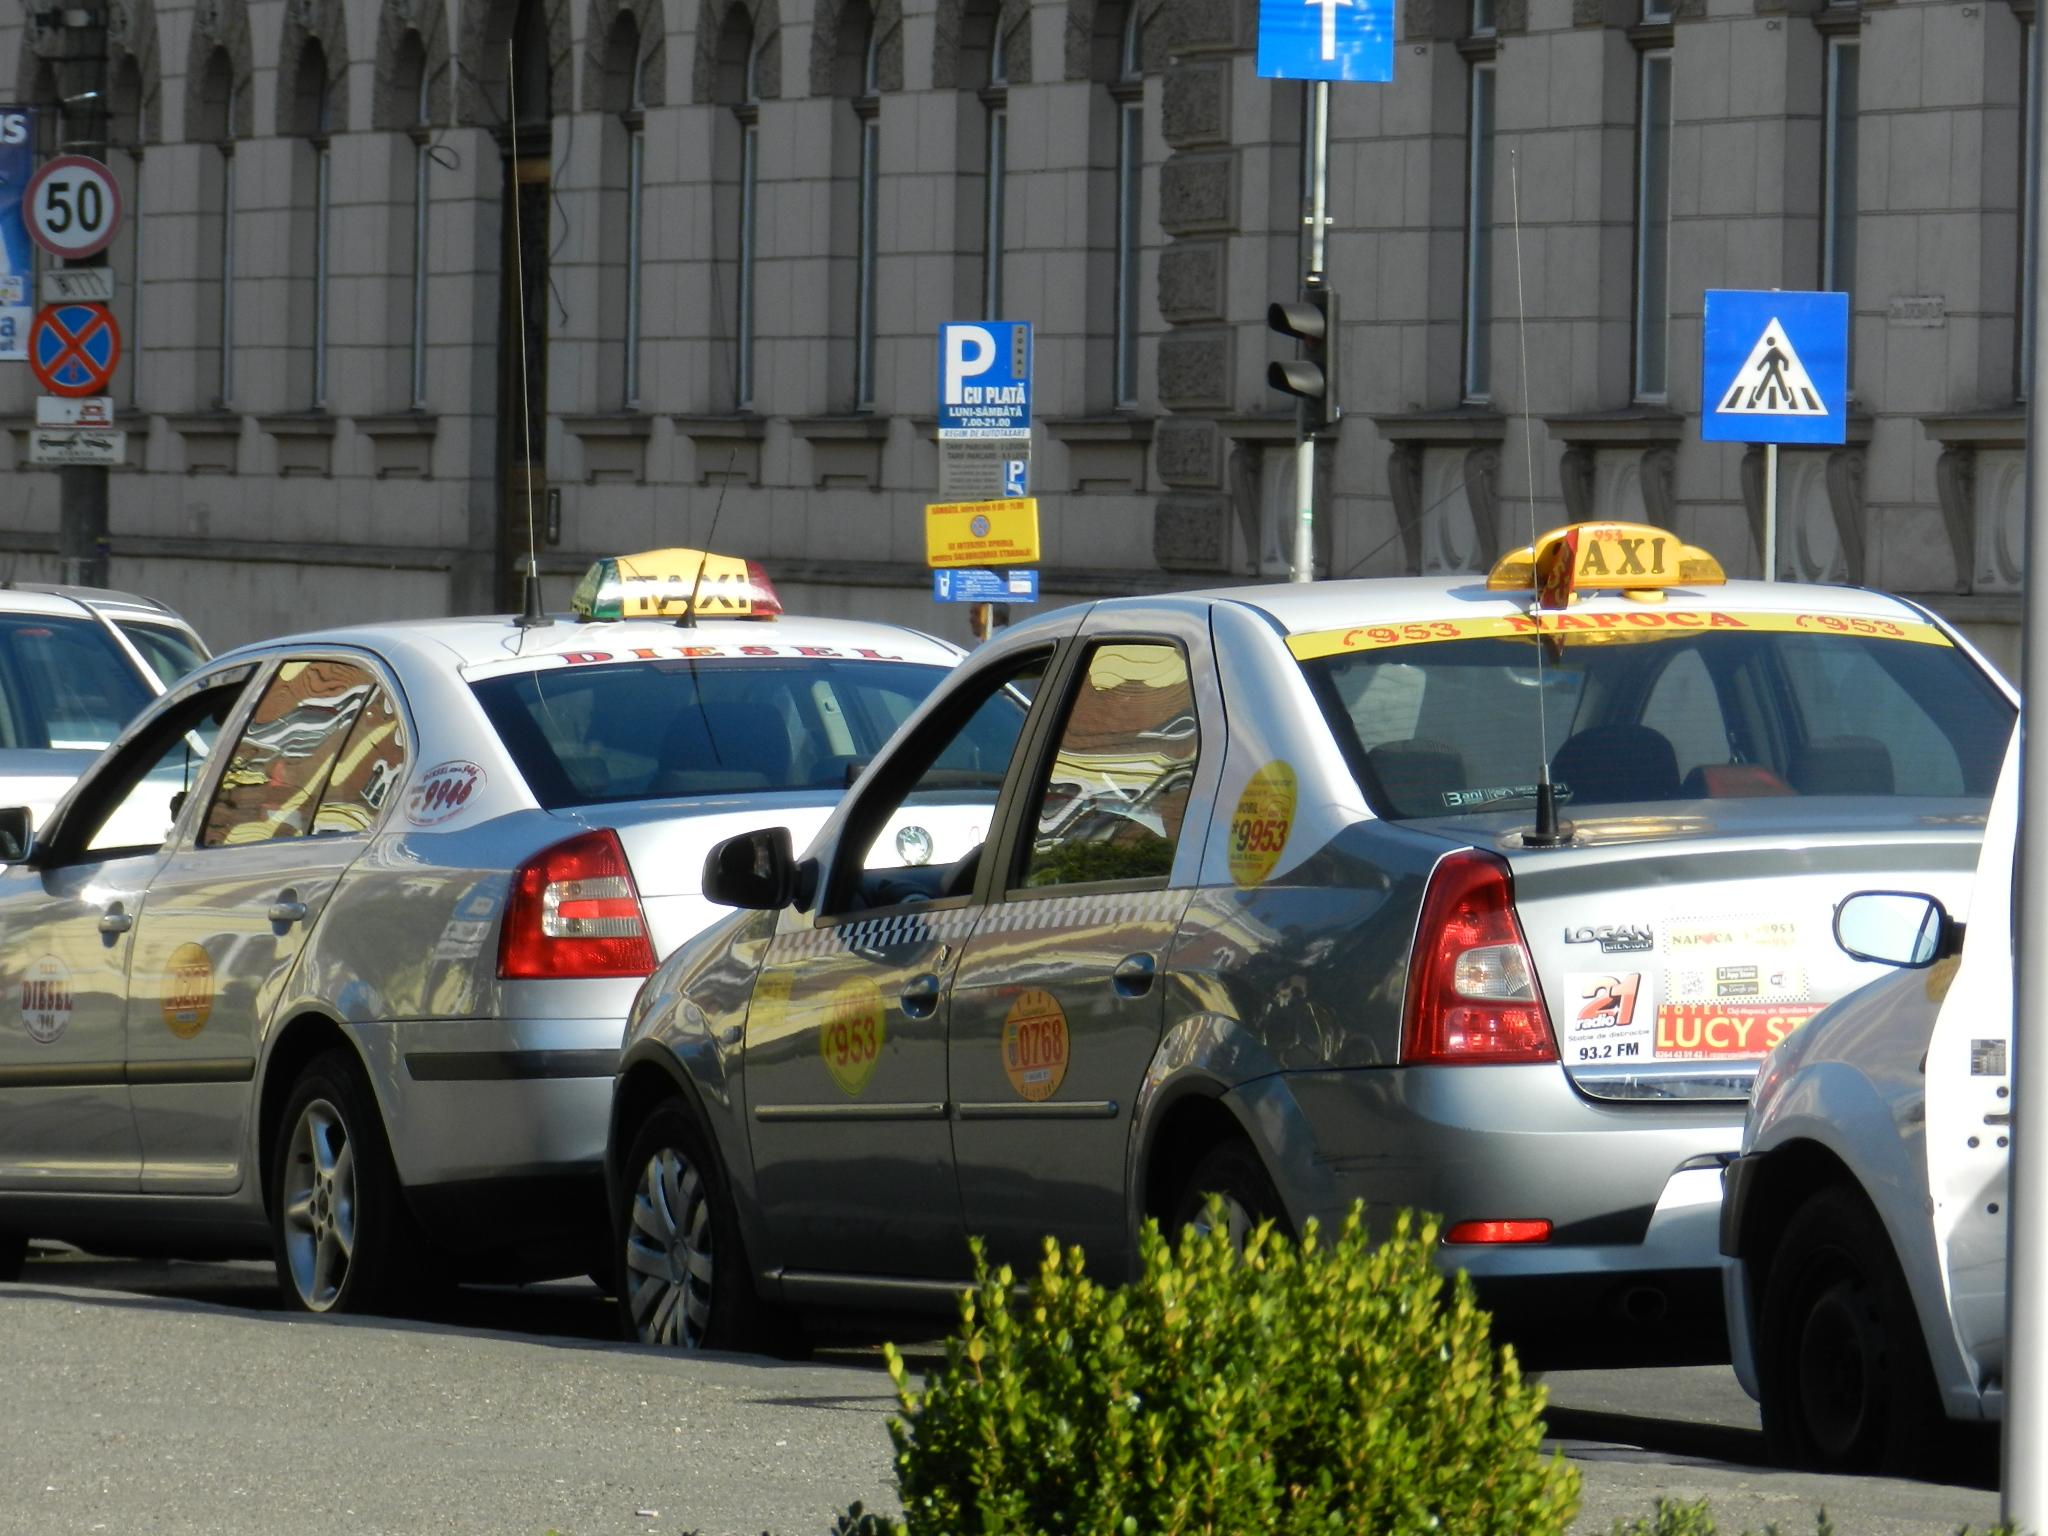 Războiul firmelor de taxi clujene își mai consumă un episod: The Good Cab vs Nova!